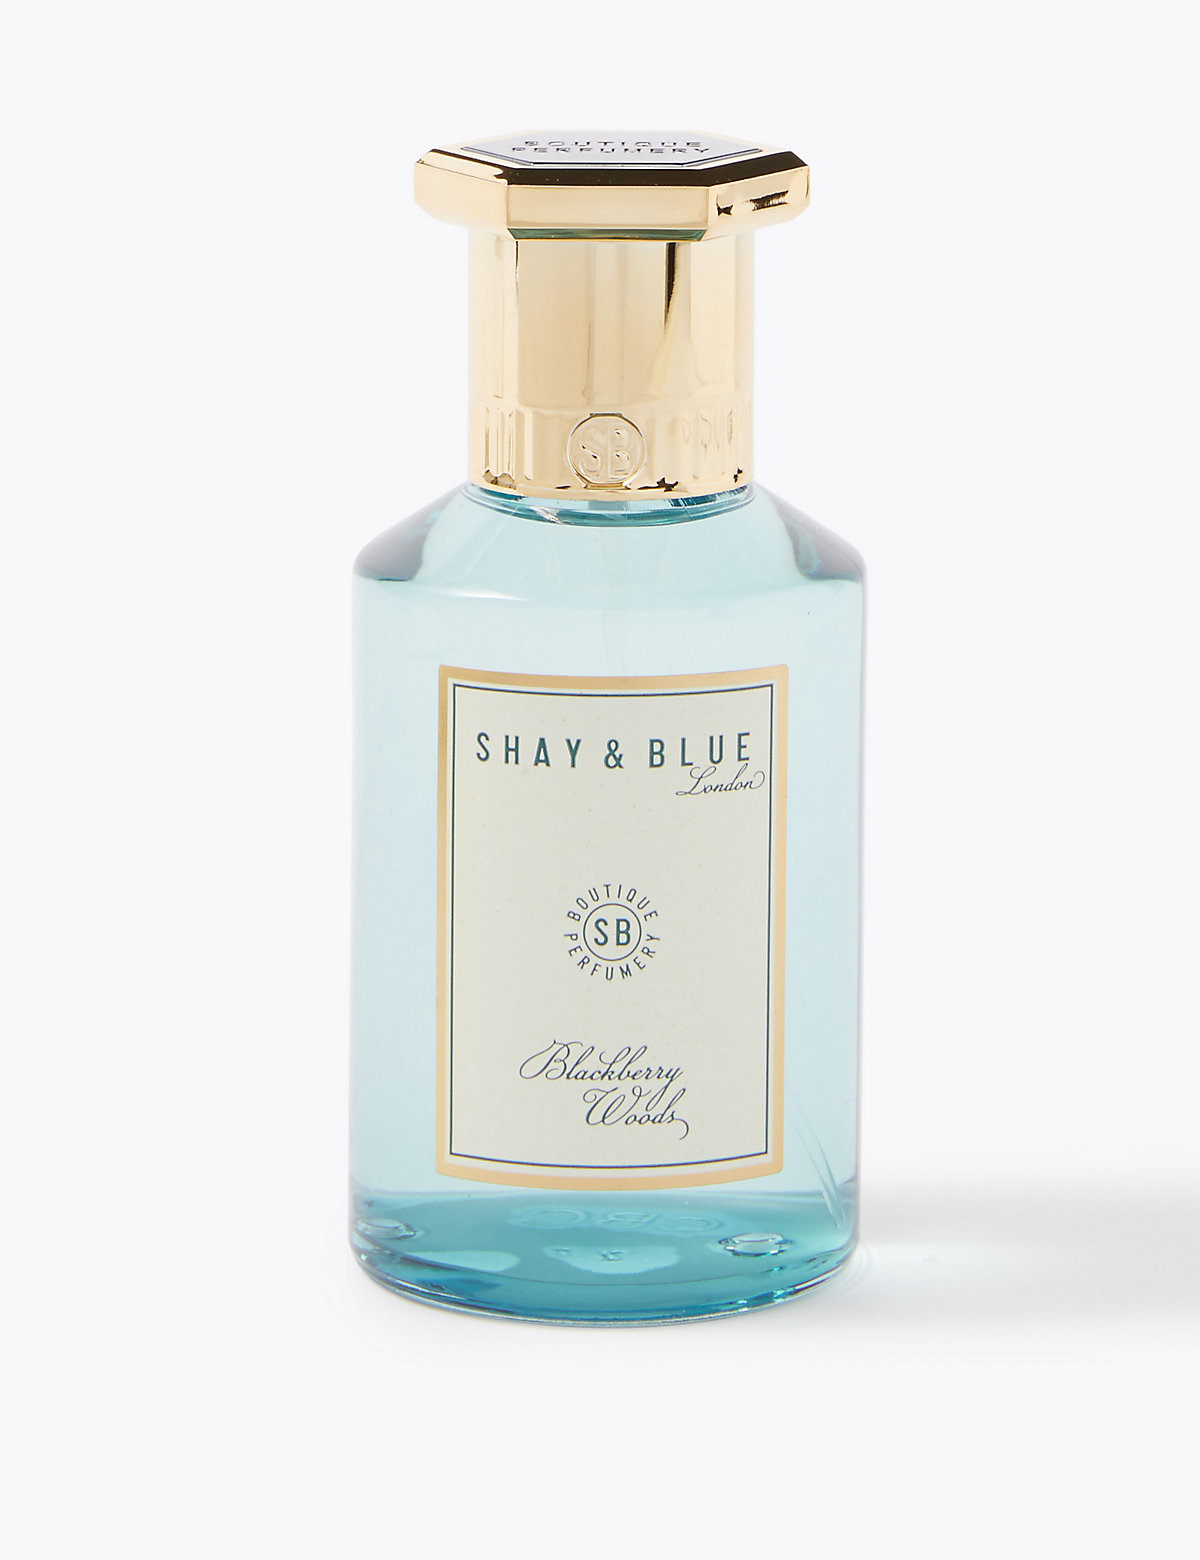 SHAY & BLUE Blackberry Woods Eau de Parfum100ml